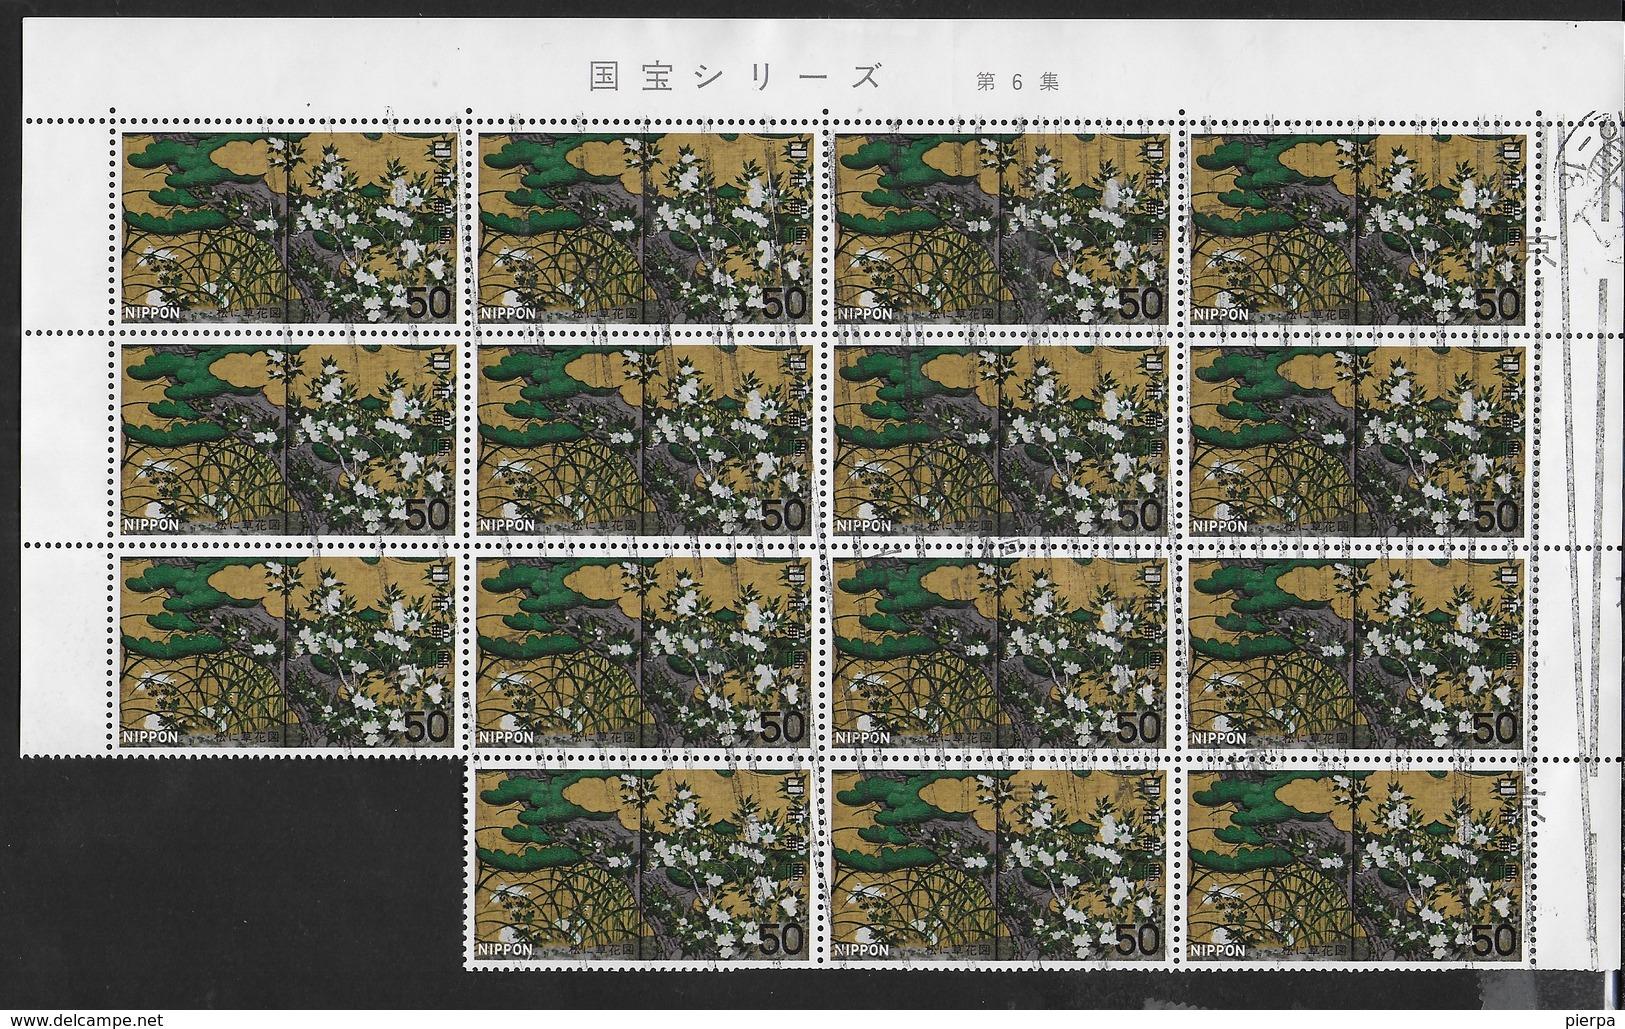 GIAPPONE - 1977 - PITTURA SU PARAVENTO - 50 YEN - BLOCCO DI 15 ESEMPLARI (YVERT 1242 - MICHEL 1340) - 1926-89 Emperor Hirohito (Showa Era)